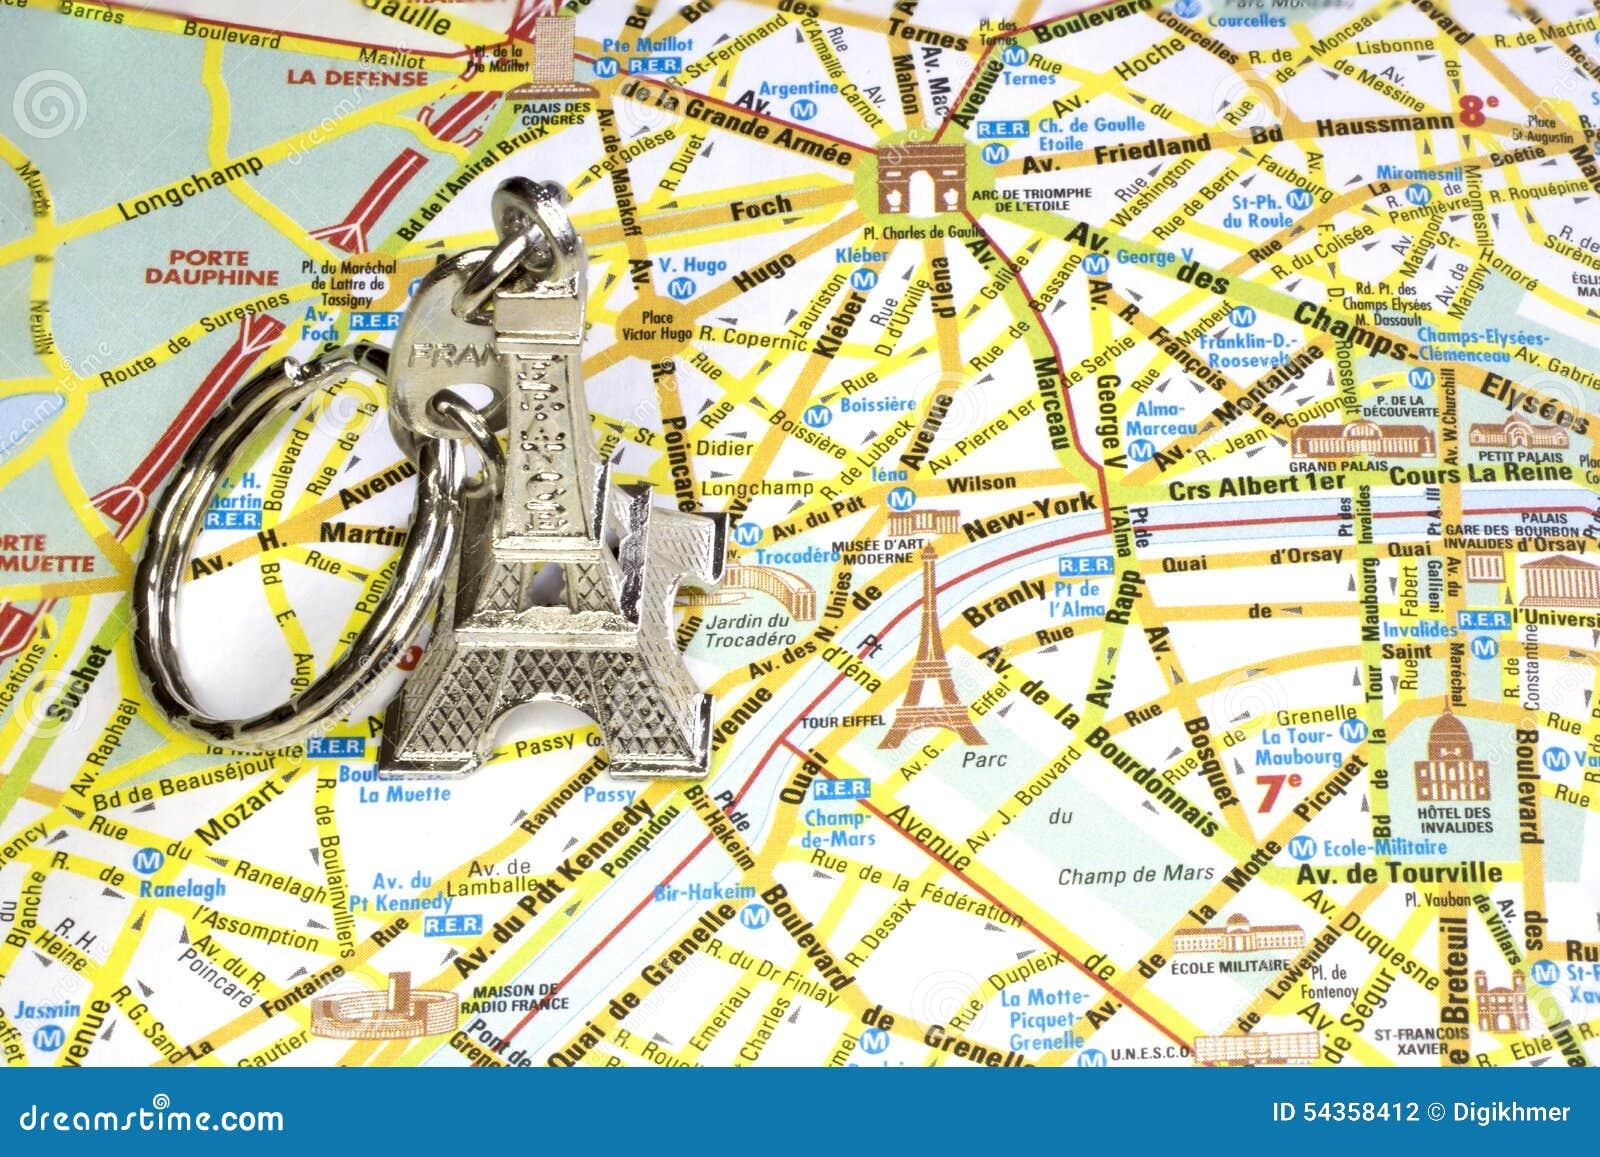 Populaire Monuments De Paris Photo stock - Image: 54040902 WX08